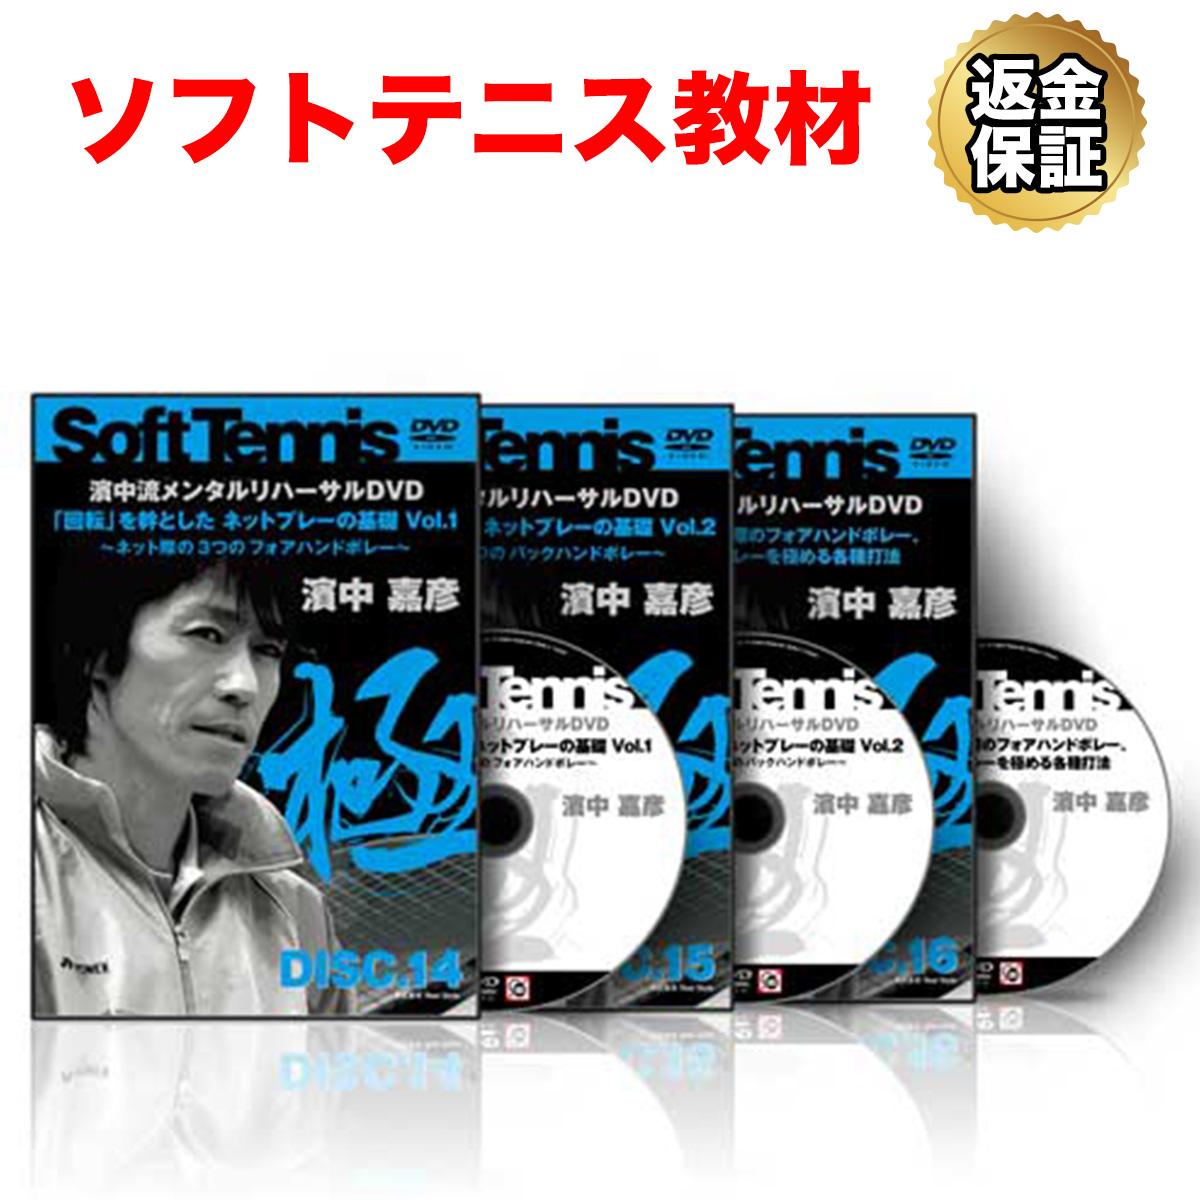 【ソフトテニス】濱中流メンタルリハーサルDVD4 (ネット前ボレー) [Disc14-16]